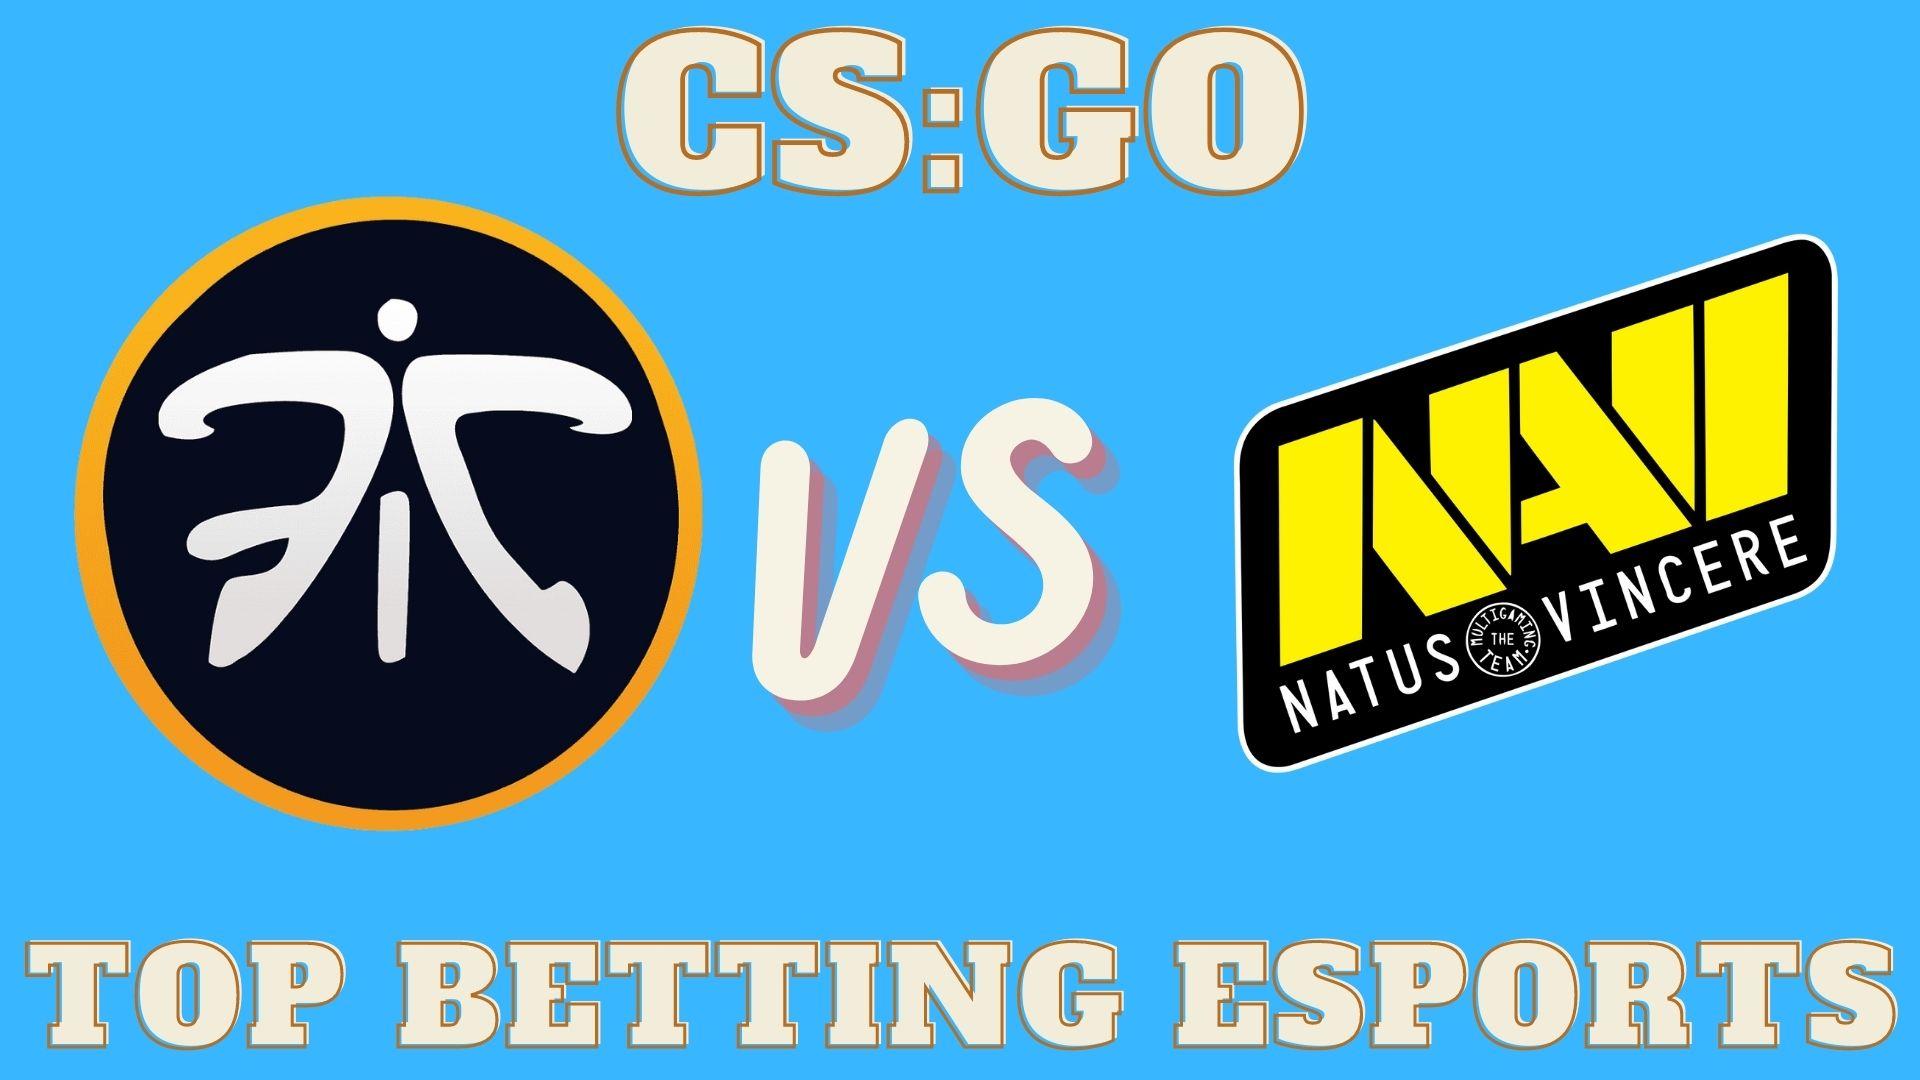 CS:GO Natus Vincere vs Fnatic